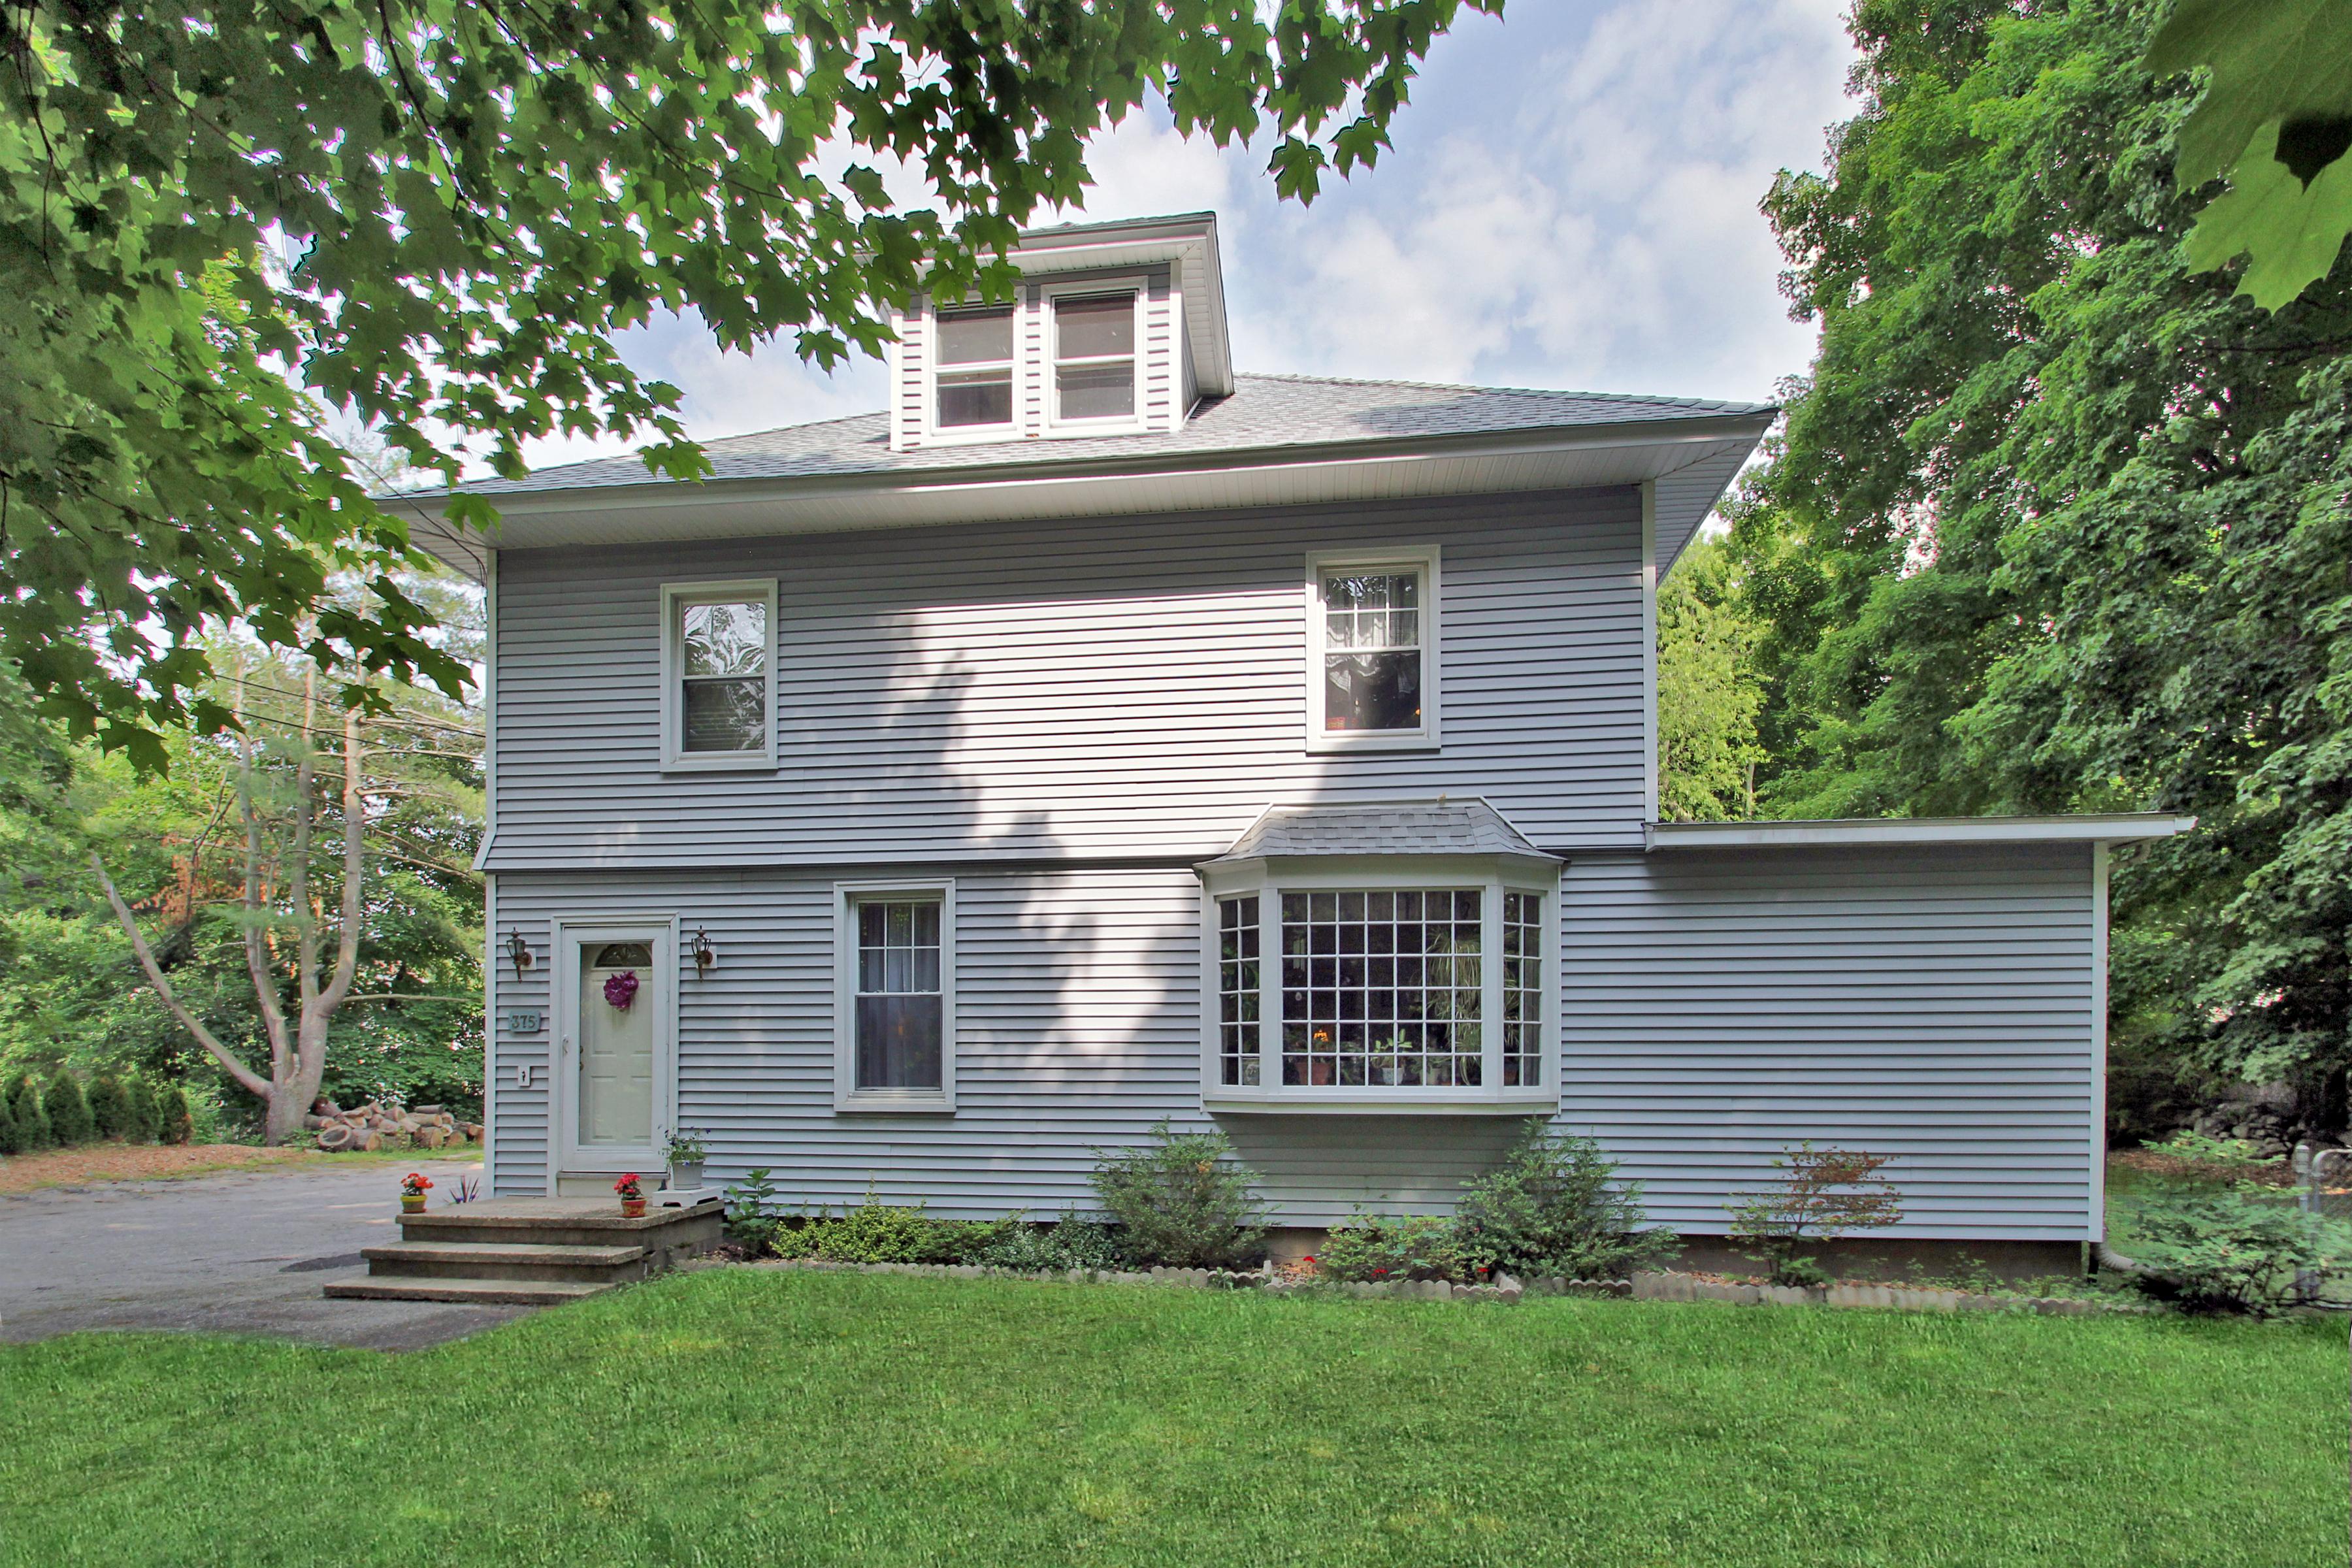 一戸建て のために 売買 アット Charming Cranbury Farmhouse 375 Newtown Avenue Norwalk, コネチカット 06851 アメリカ合衆国